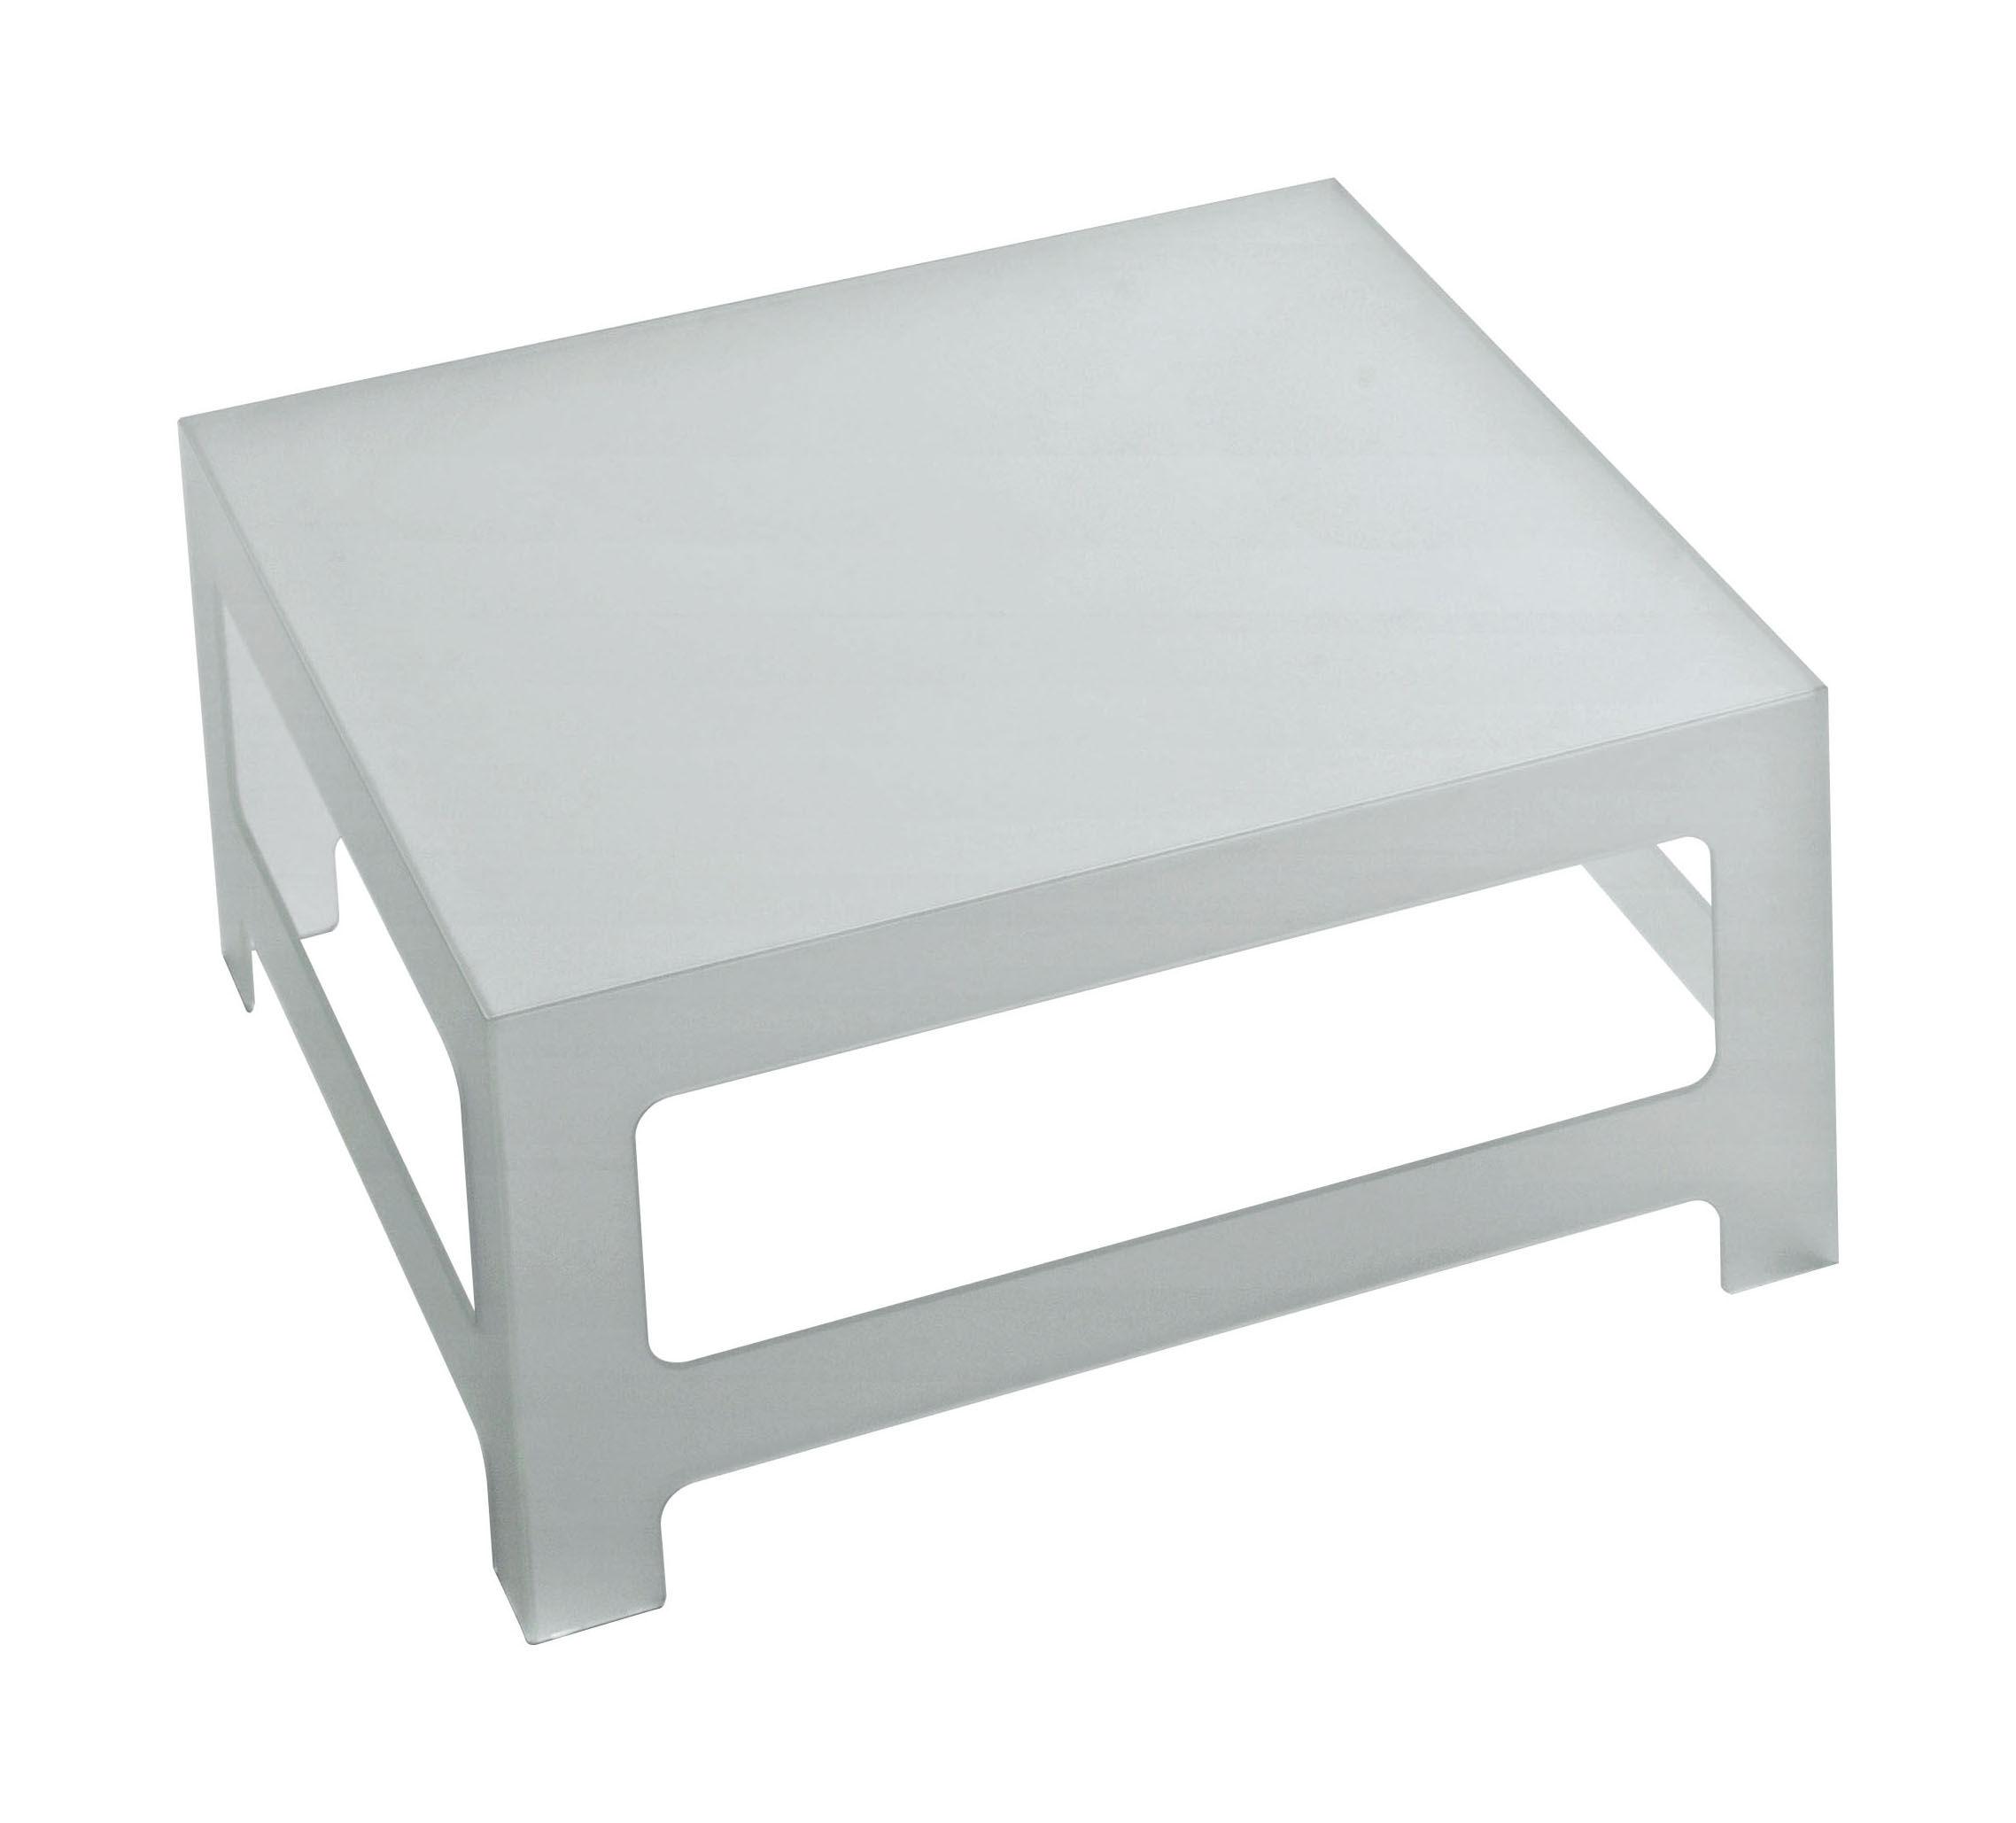 Mobilier - Tables basses - Table basse Nezu H 30 cm - 70 x 70 cm - Glas Italia - 70 x 70 cm - Verre dépoli - Verre